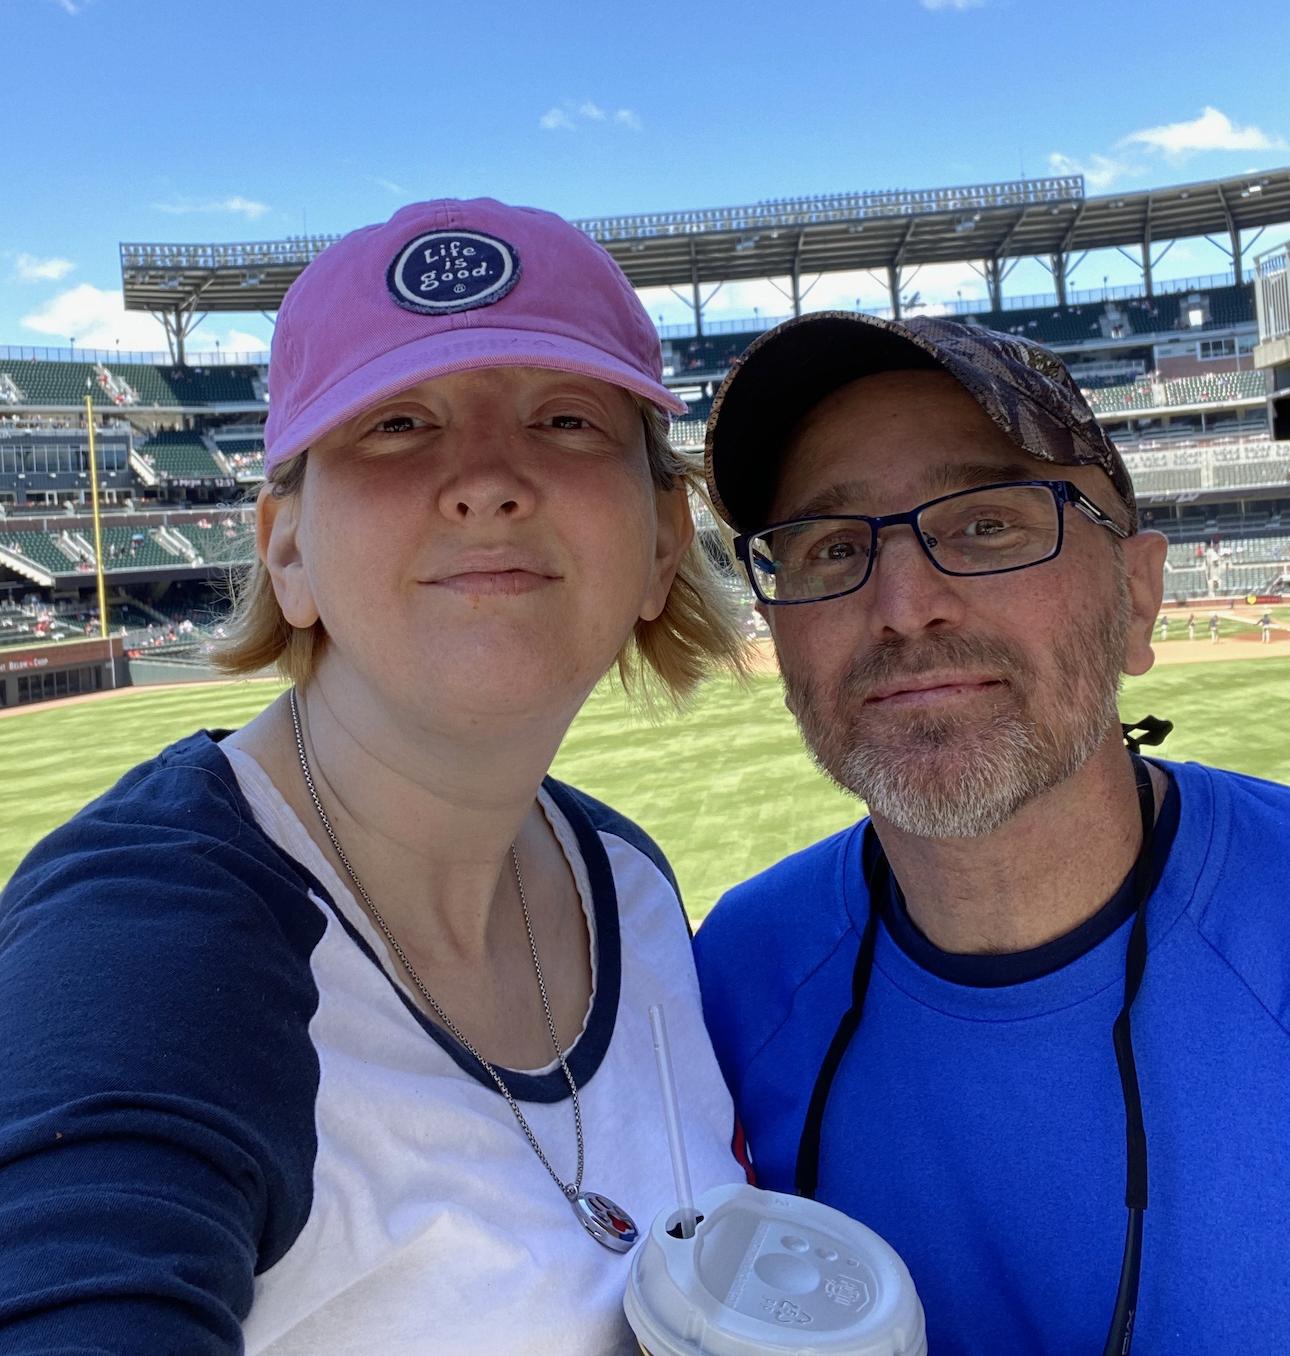 Woman and man at stadium